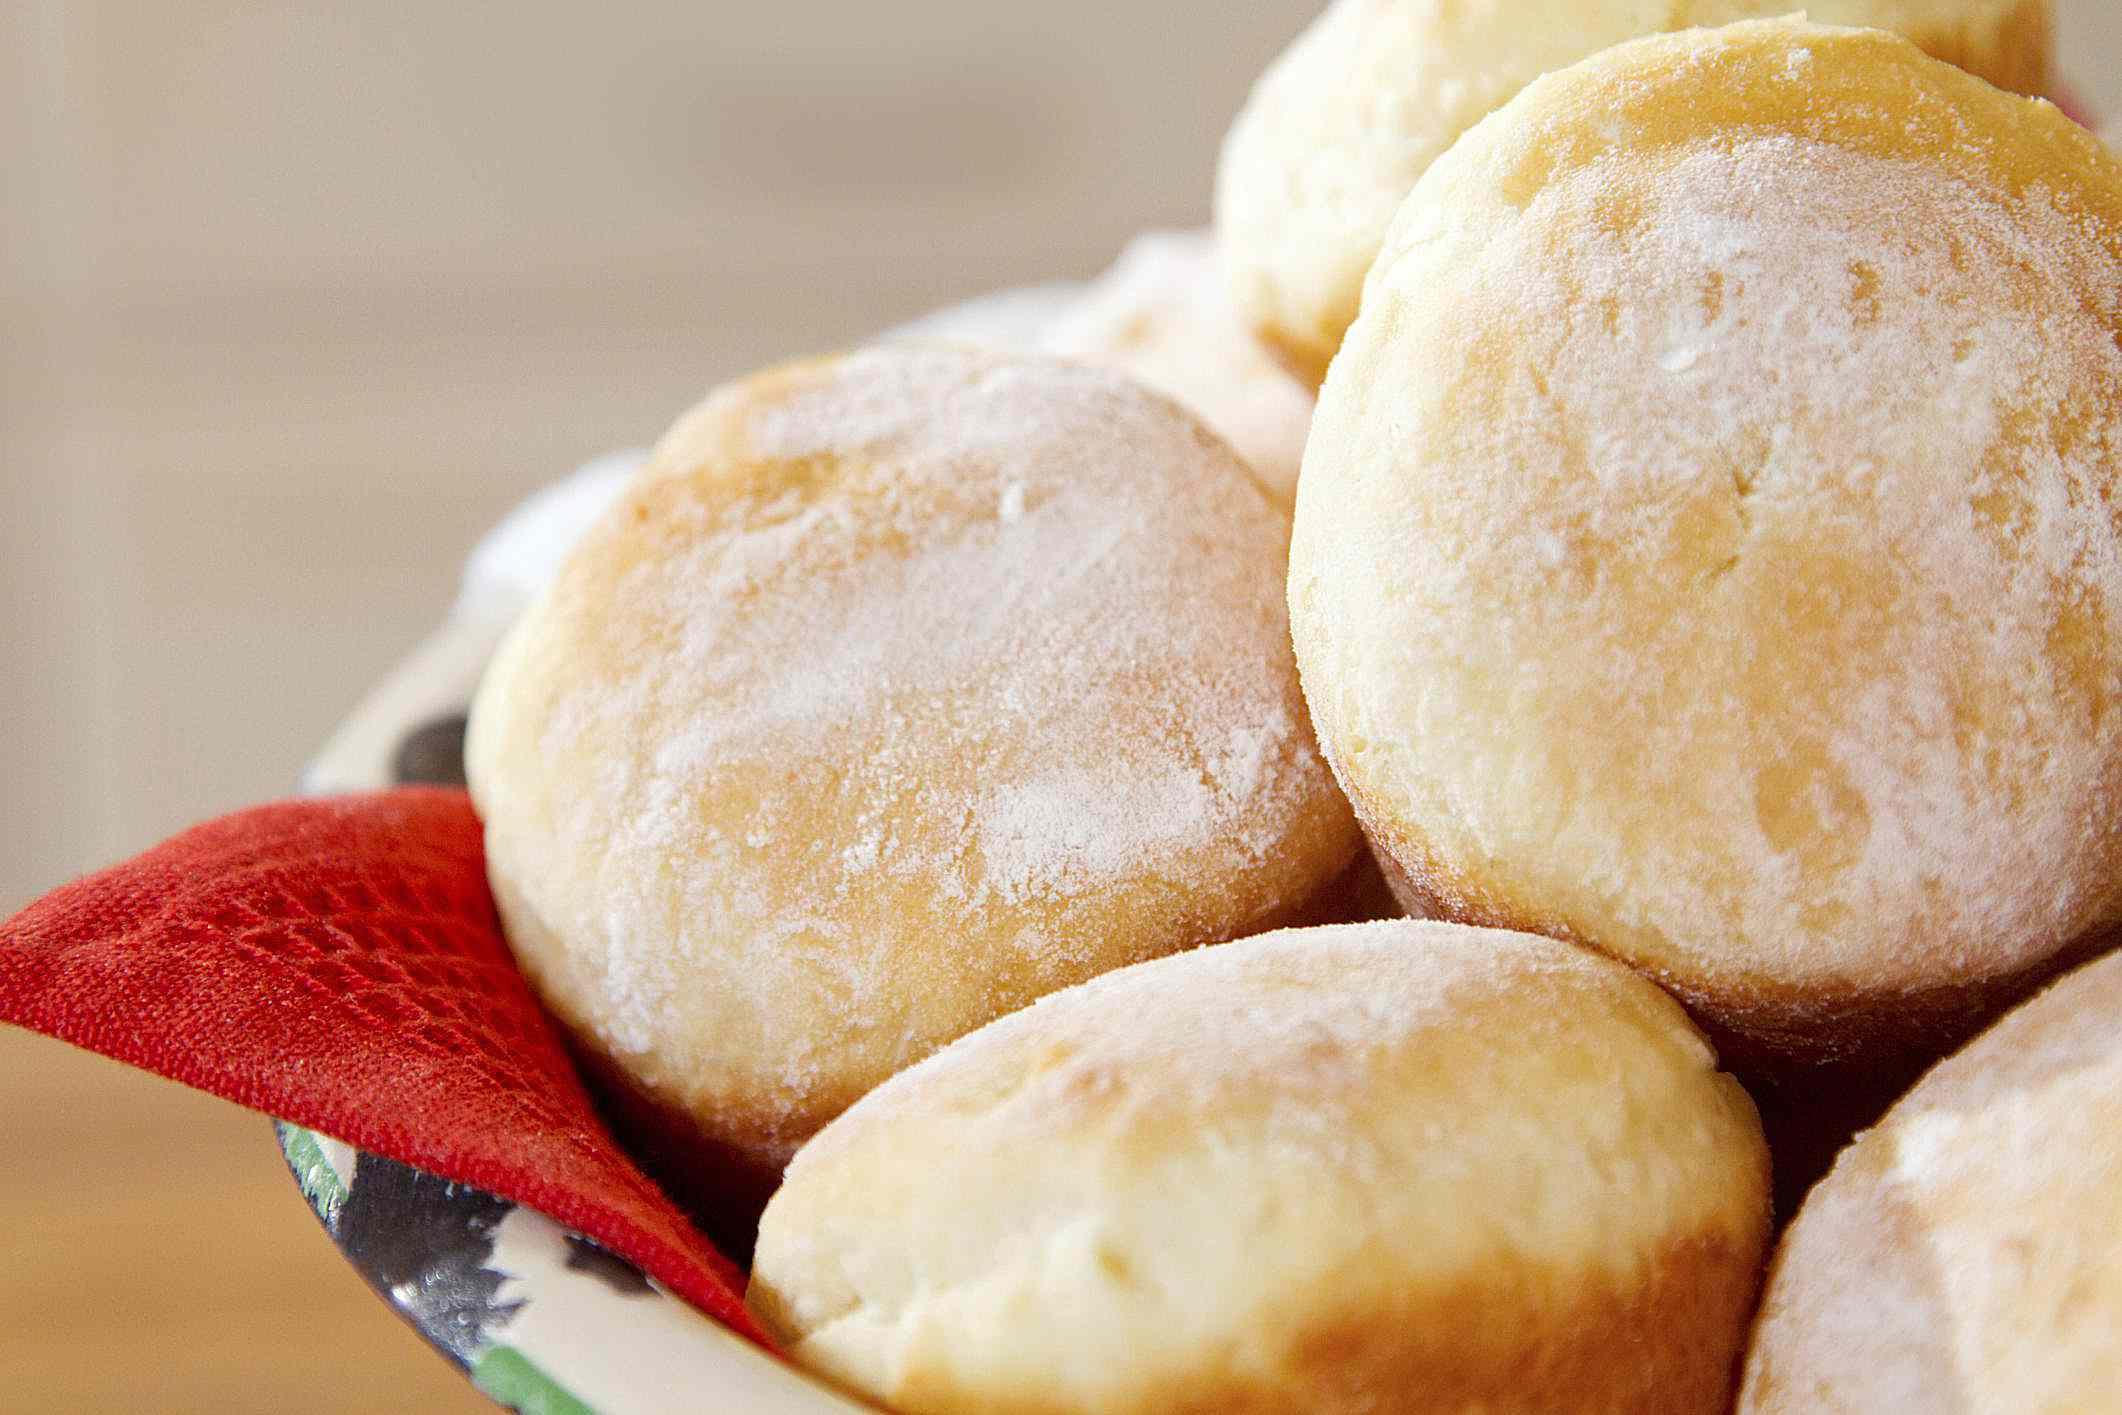 Freshly baked butter rolls.